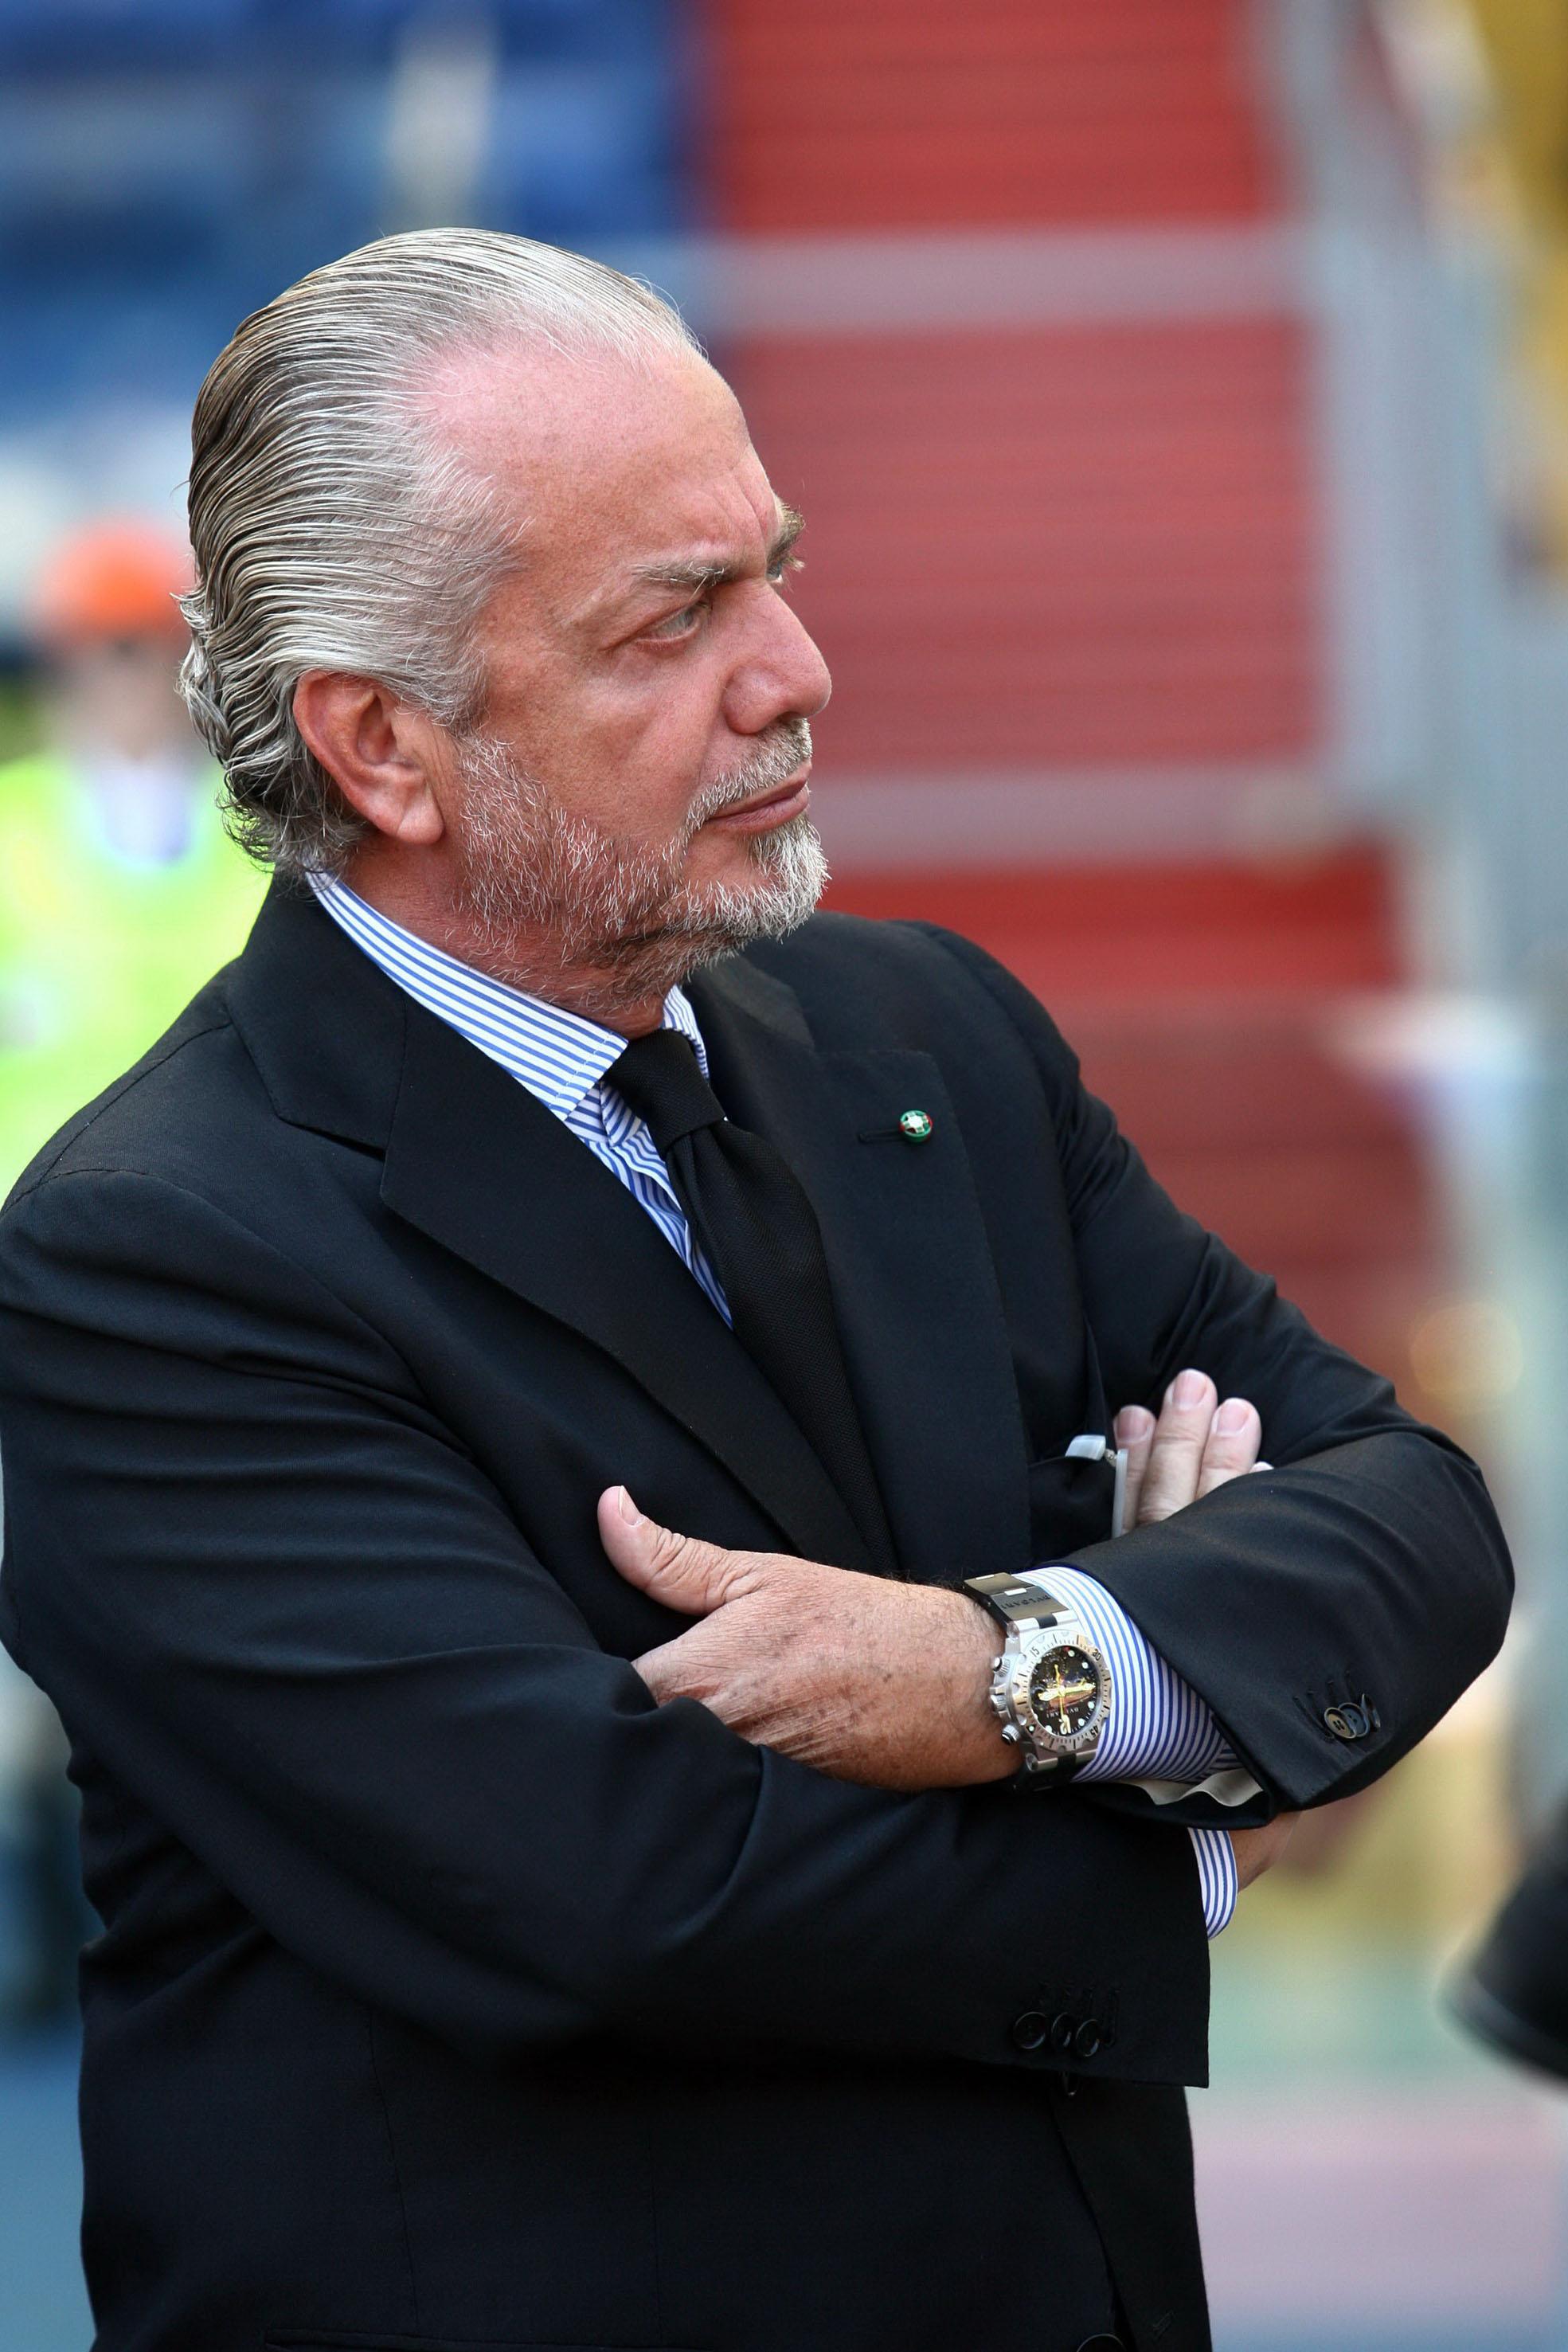 In attesa della decisione di Benitez, De Laurentis ha infittito i contatti con Mihajlovic. Intanto spunta un nome nuovo per il mercato: Saponara